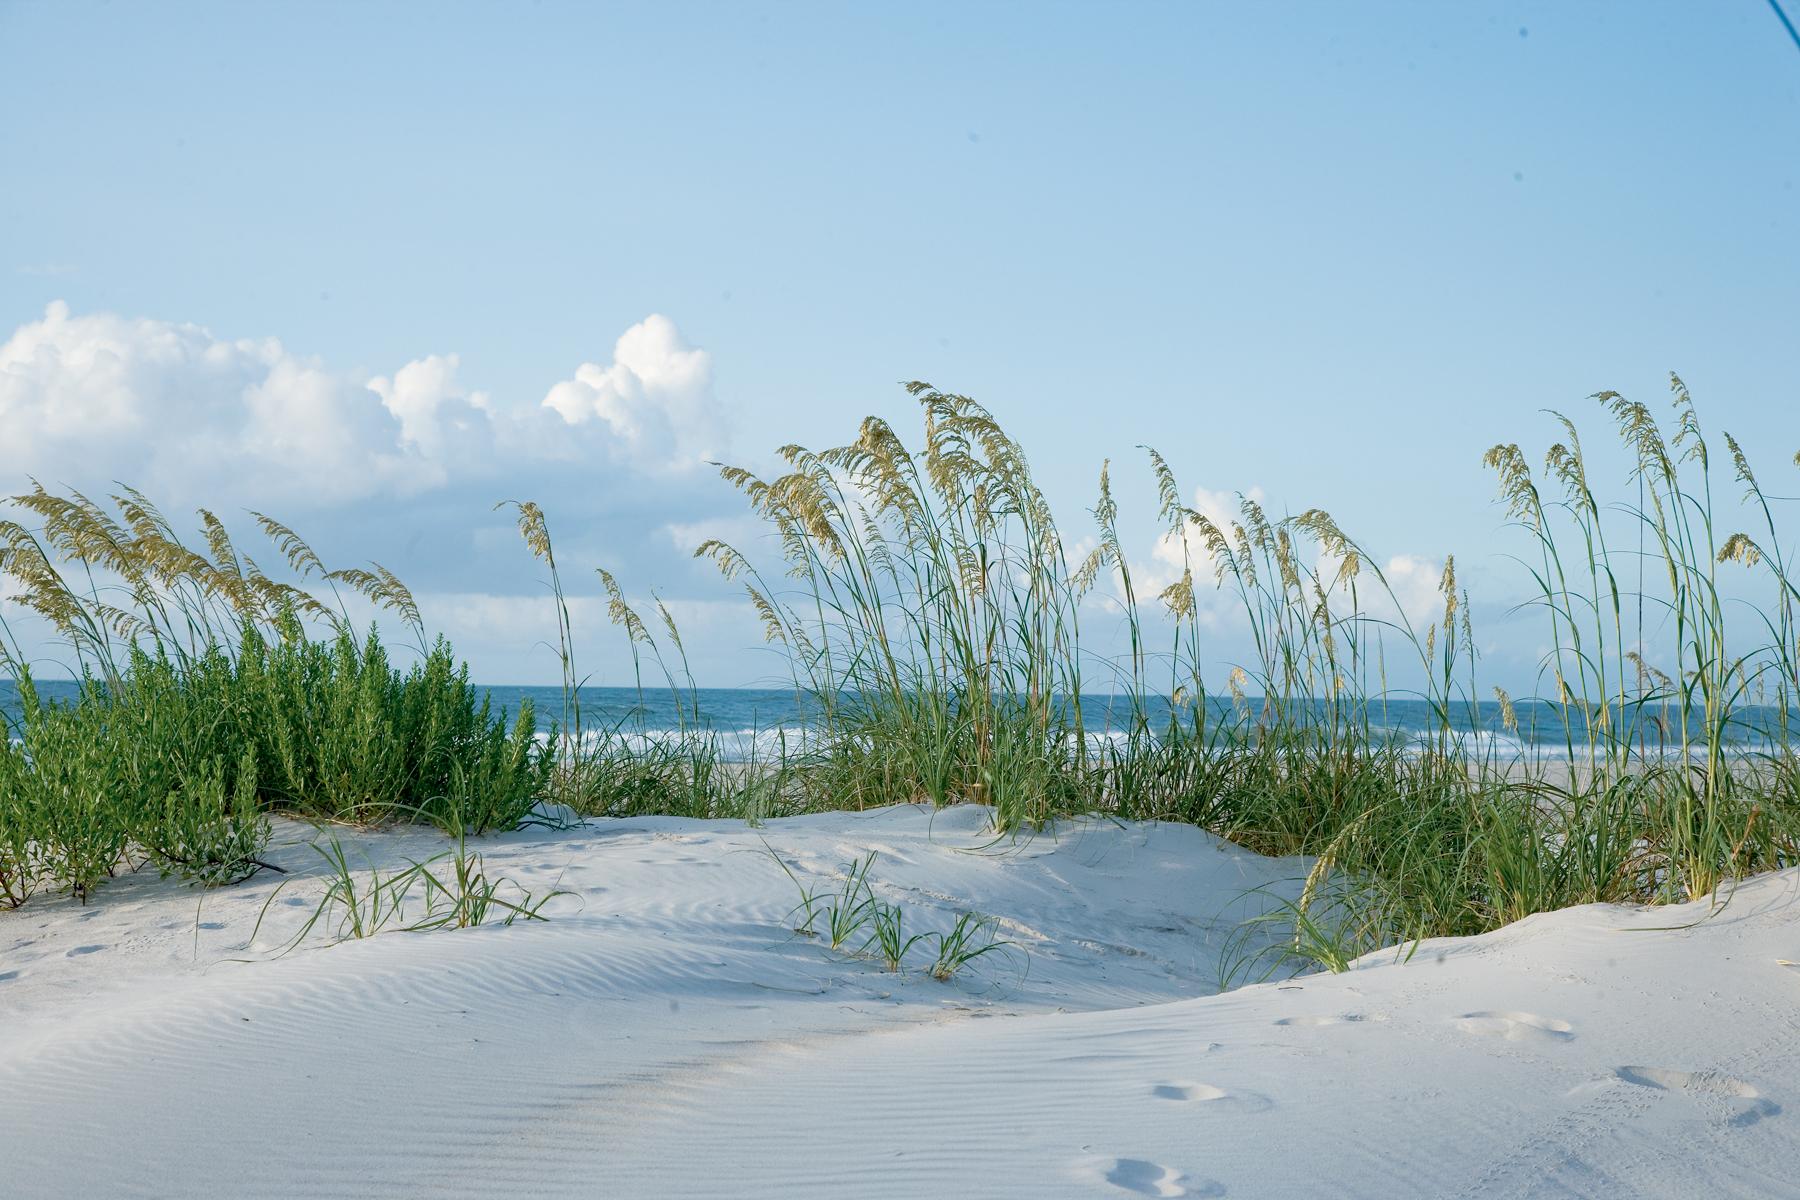 ICR dunes